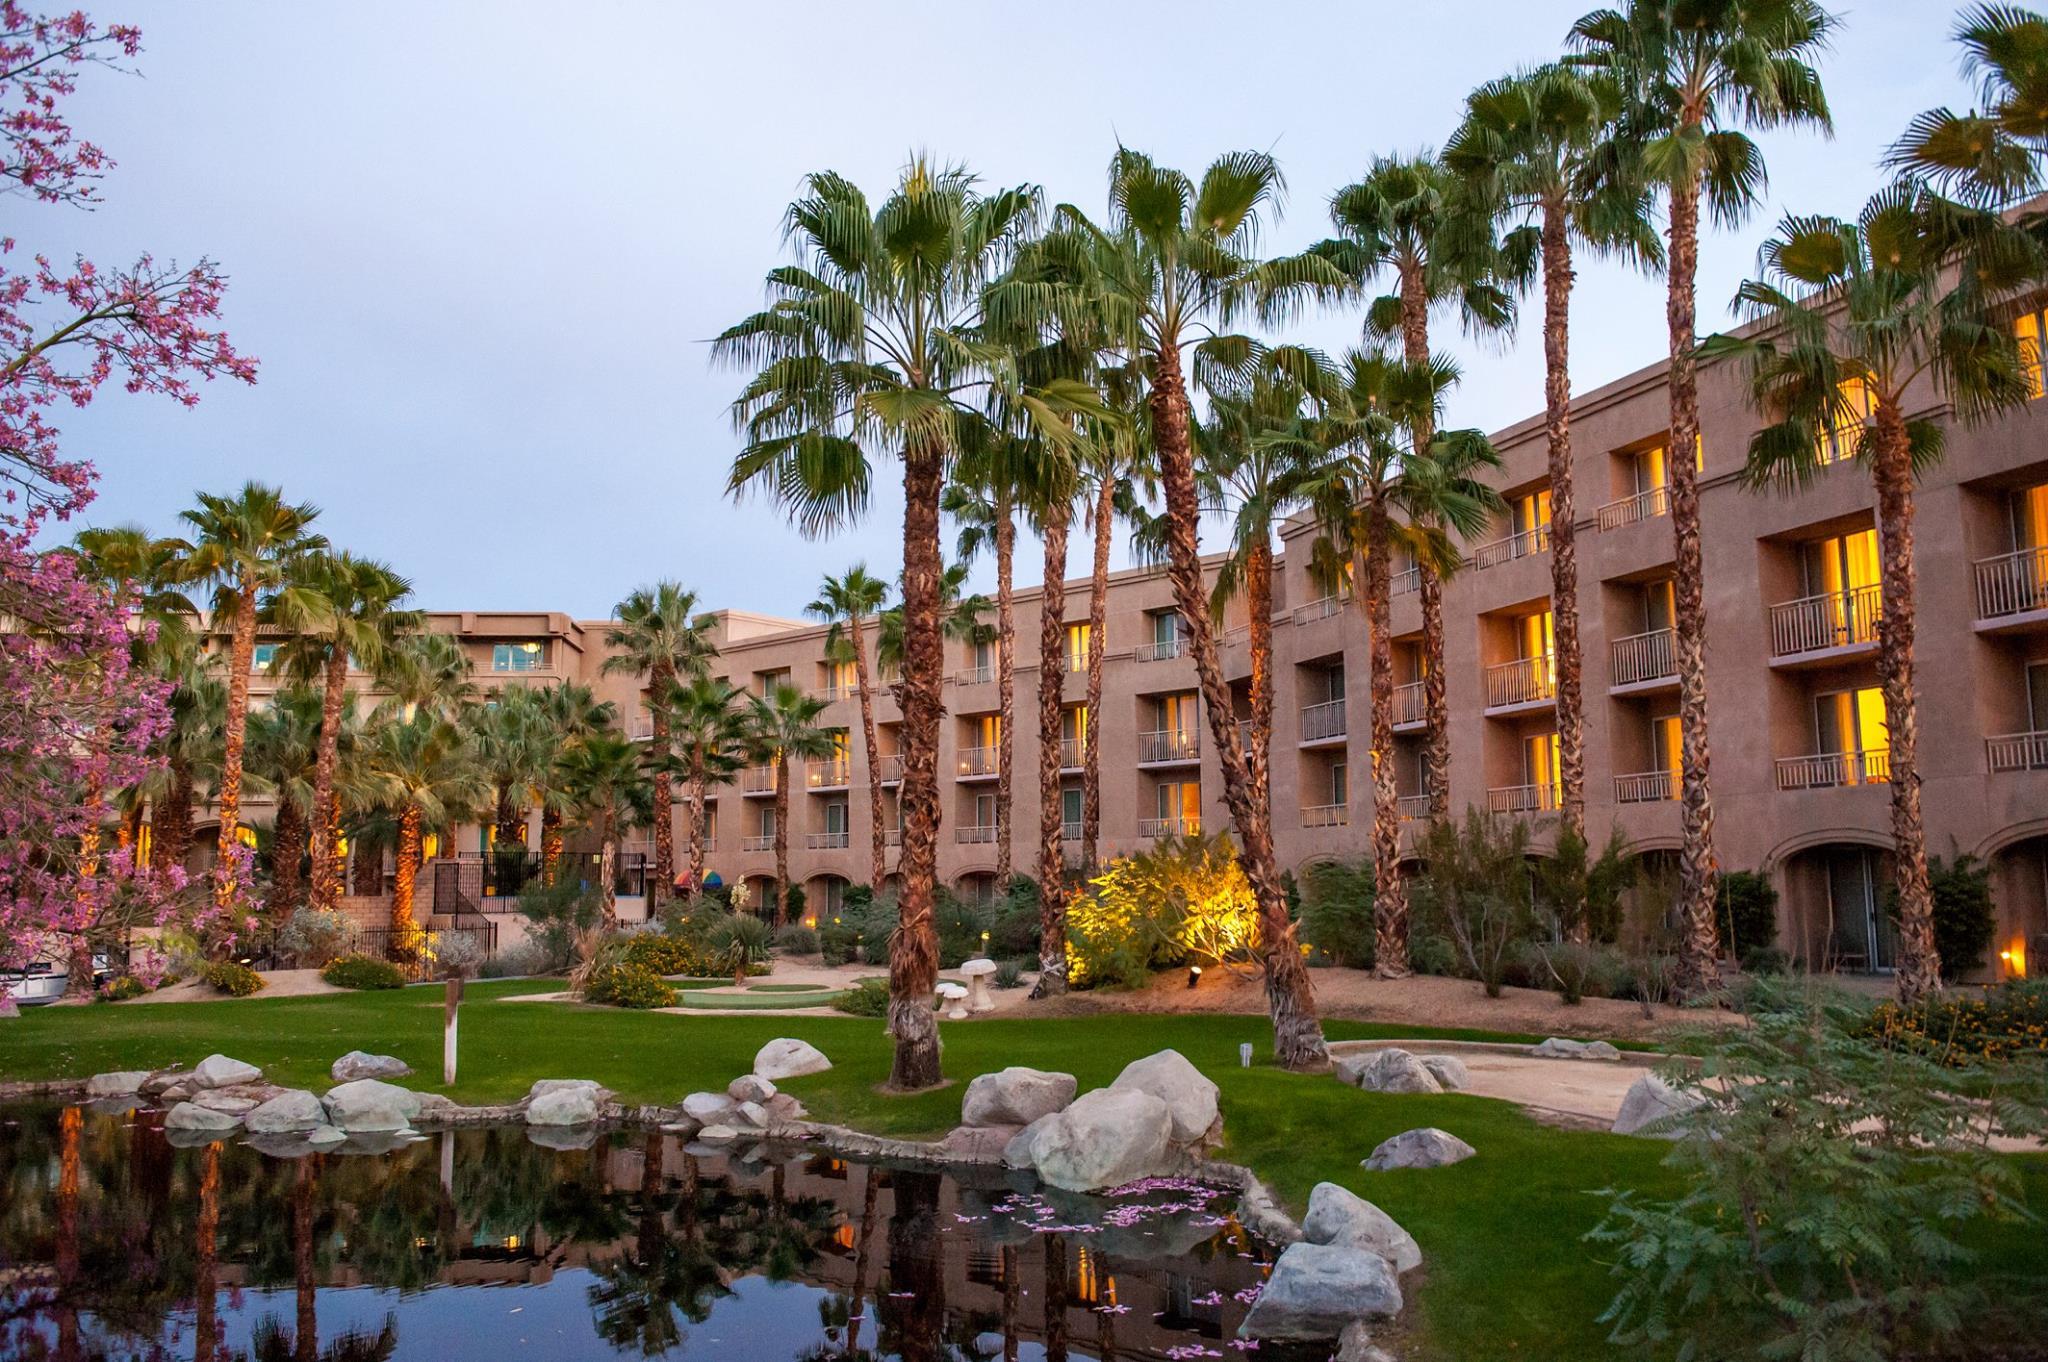 hyatt regency indian wells resort & spa | film palm springs